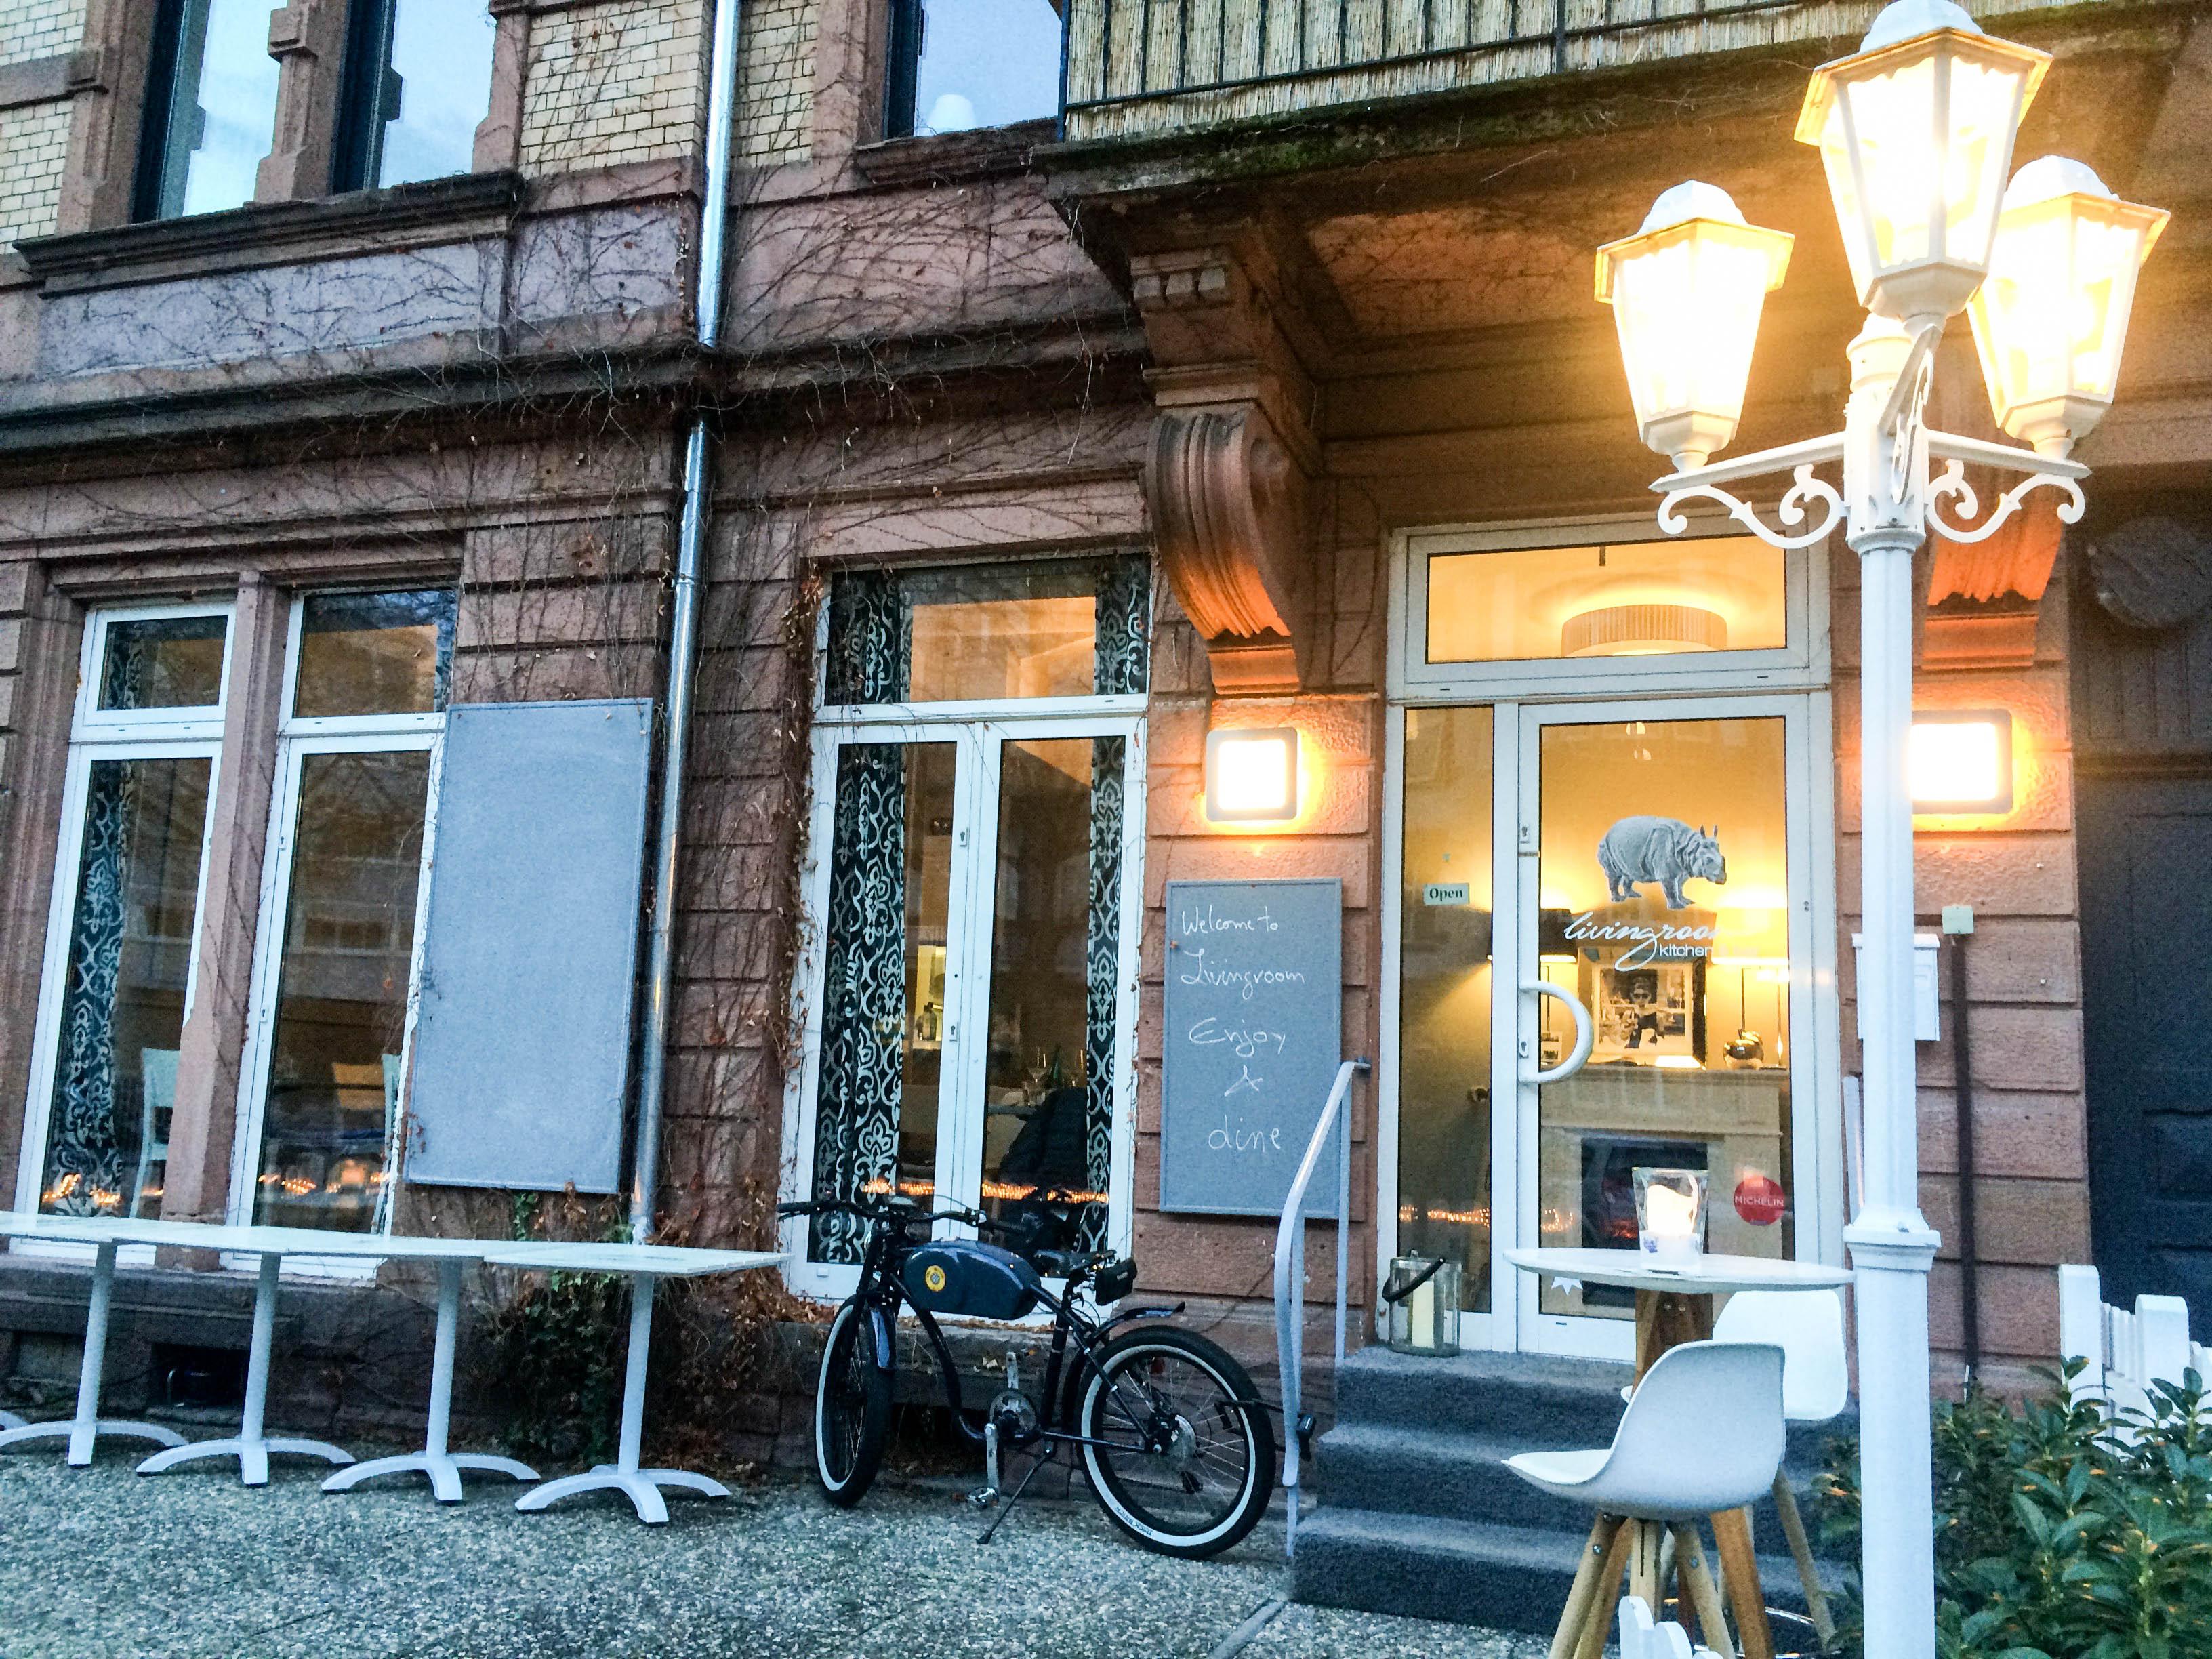 47 wohnzimmer karlsruhe speisekarte cafe am markt karlsruhe best wohnzimmer berlin. Black Bedroom Furniture Sets. Home Design Ideas